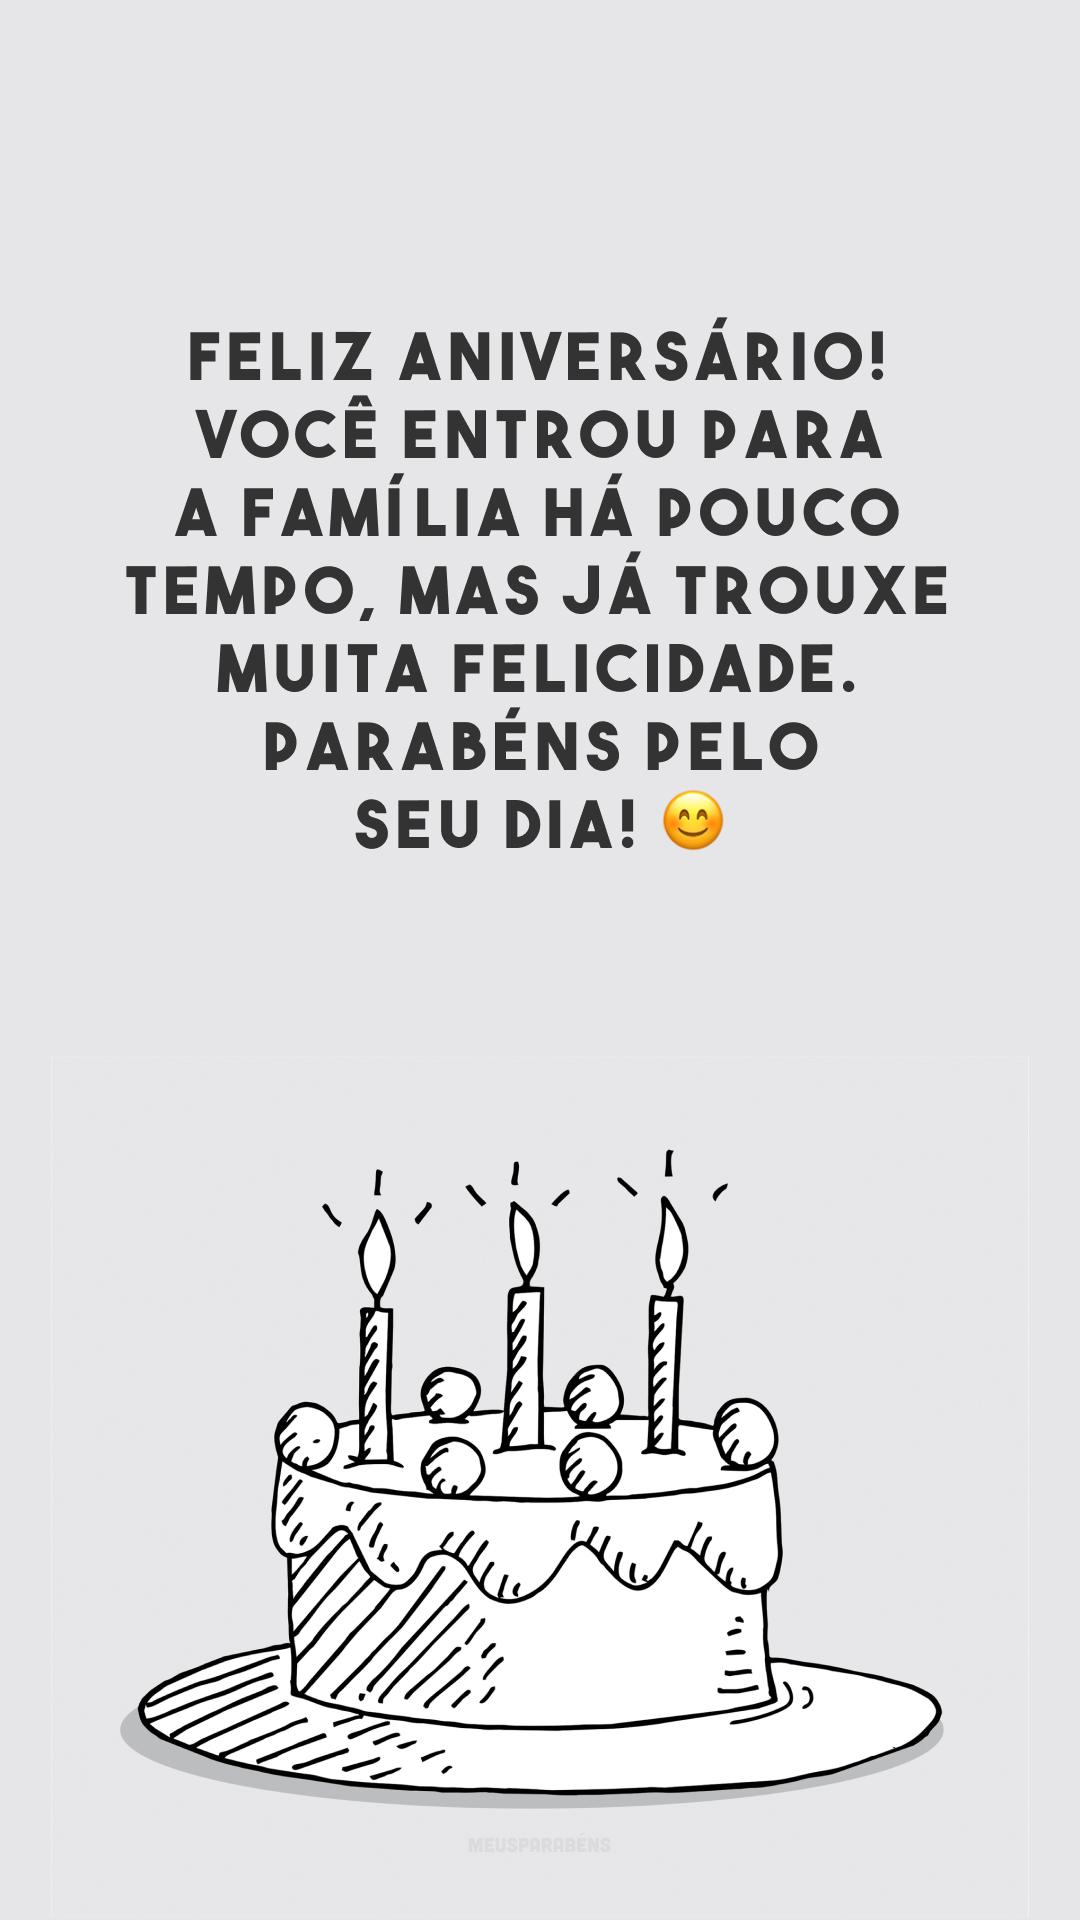 Feliz aniversário! Você entrou para a família há pouco tempo, mas já trouxe muita felicidade. Parabéns pelo seu dia! 😊